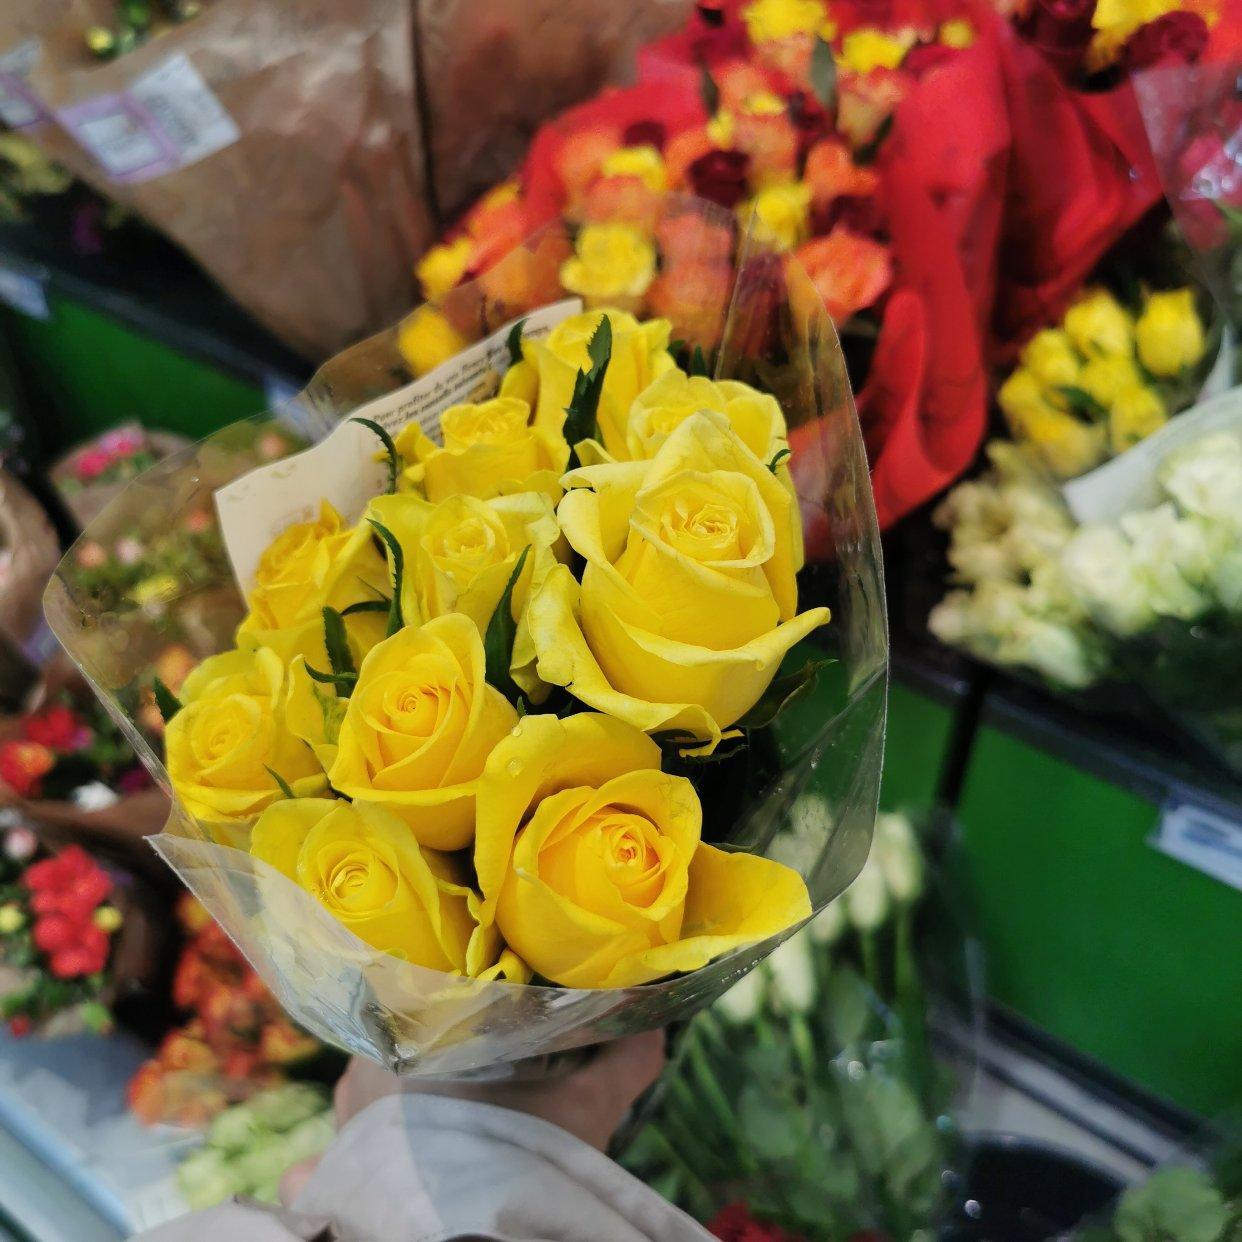 买了一束黄玫瑰~